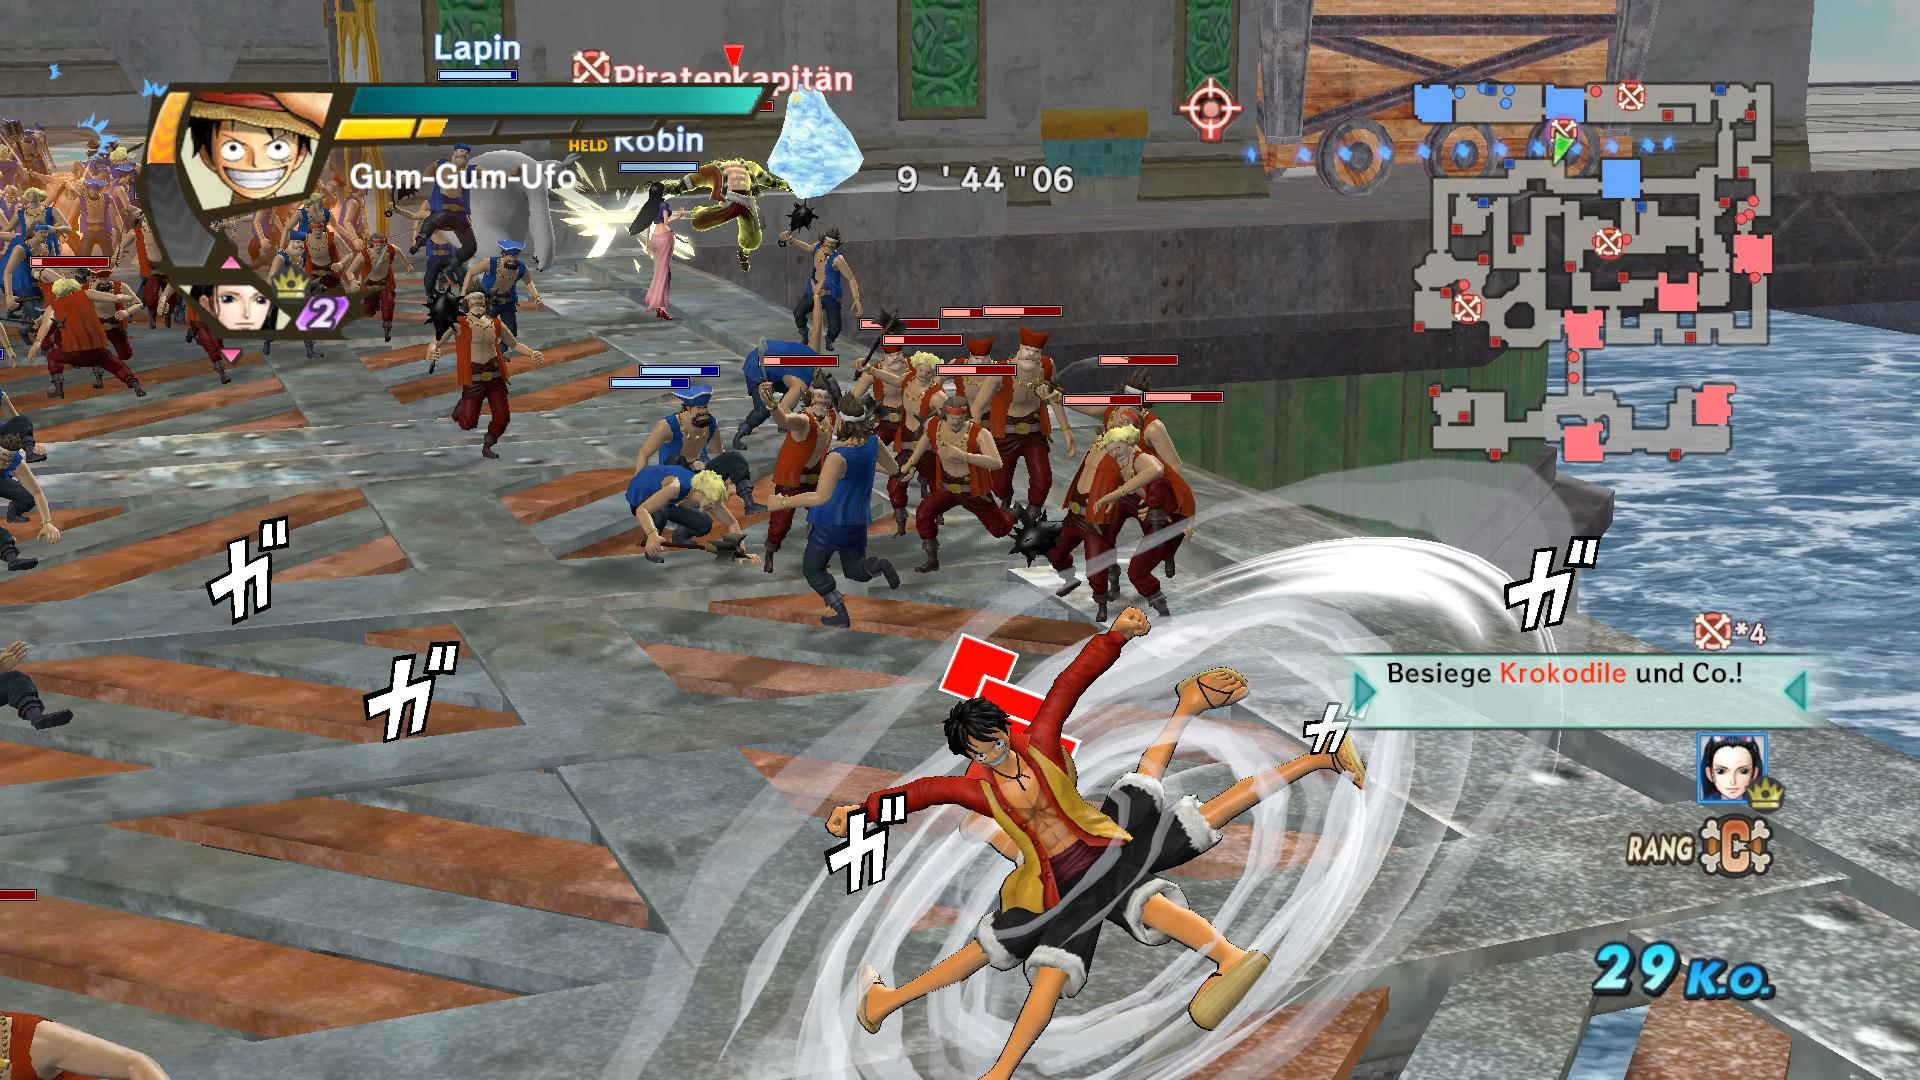 Mit dem Gum-Gum-Ufo stehen die unzähligen Gegner nicht lange. Doch ohen die vielen verschiedenen spielbaren Charaktere und ihren Attacken-Aresenal wäre das Gameplay recht eintönig. ©Screenshot